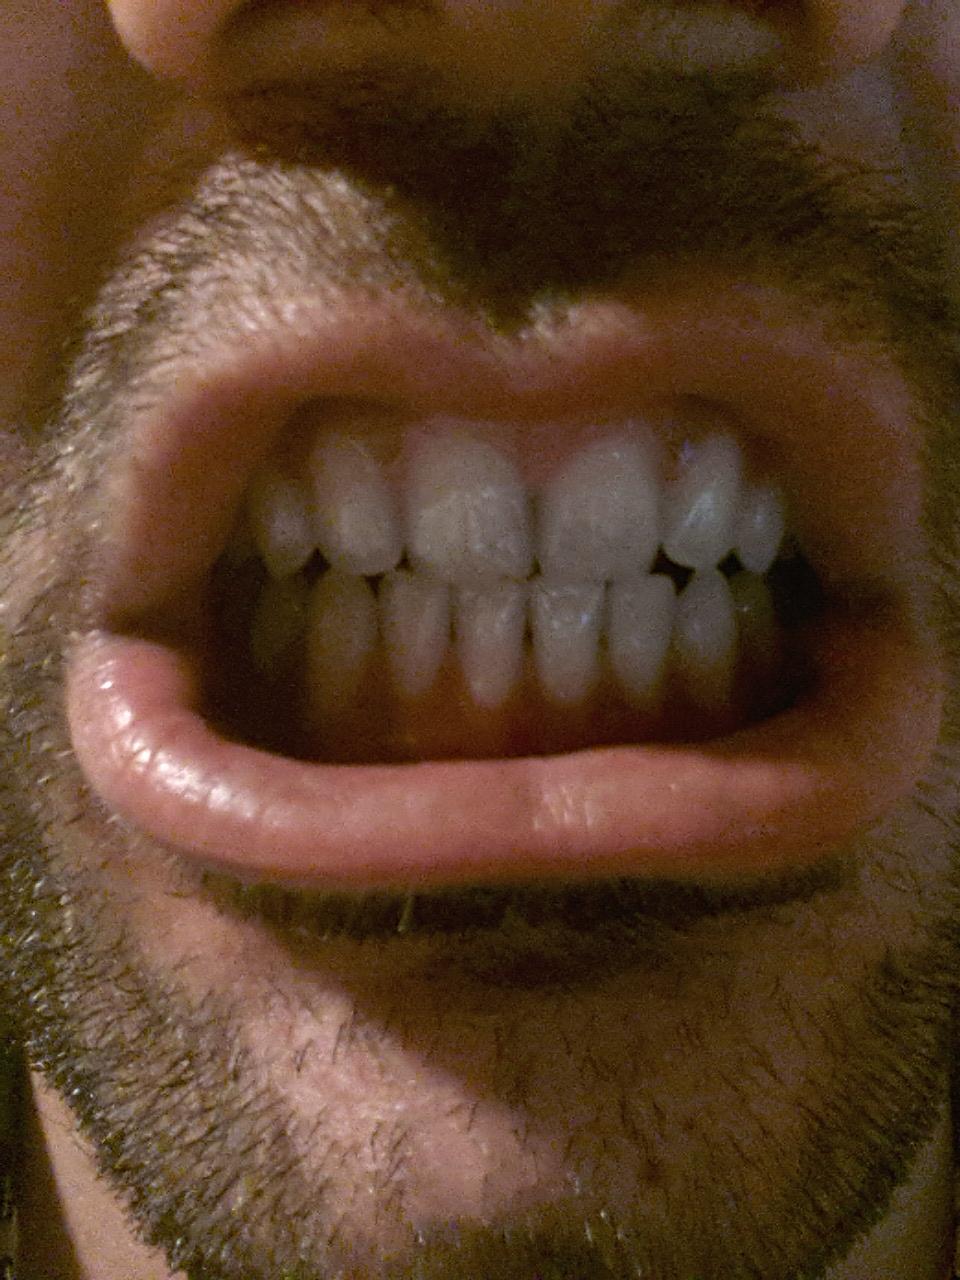 Ho notato che i denti incisivi superiori inferiori non si sovrappongono piu tra di loro